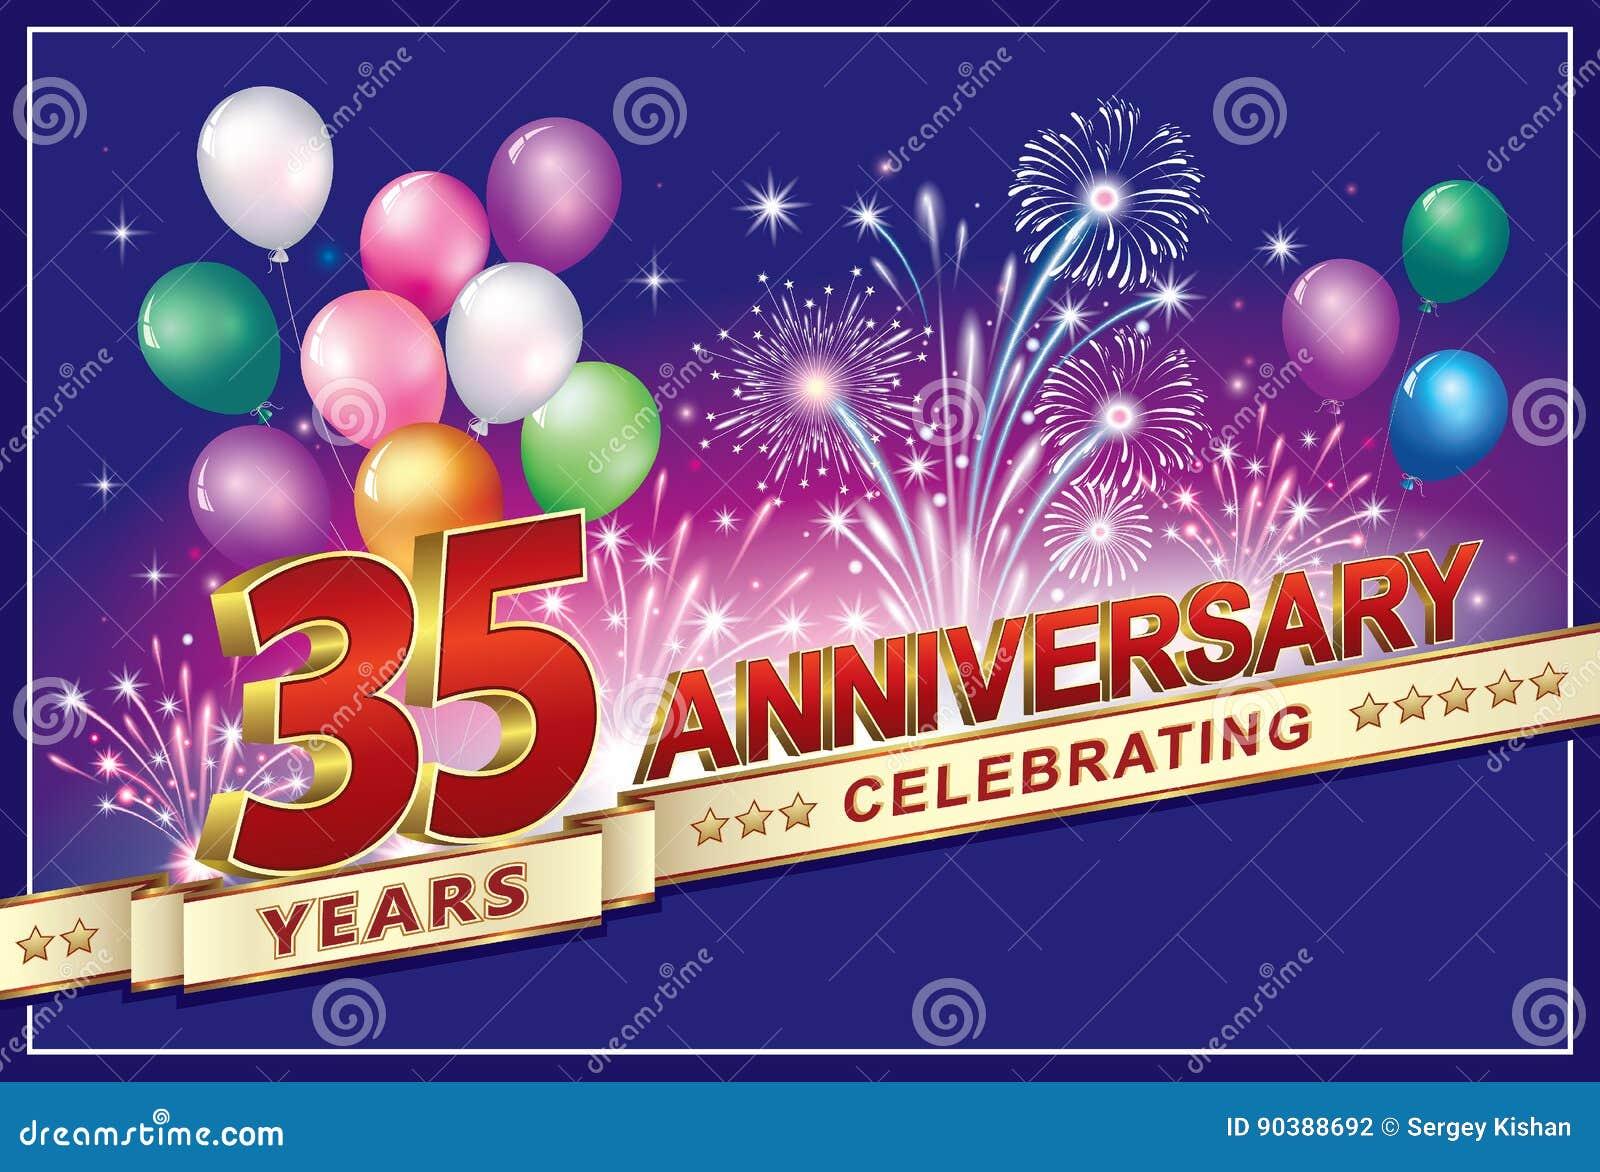 Auguri Di Buon Compleanno 35 Anni.Buon Compleanno 35 Anni Illustrazione Vettoriale